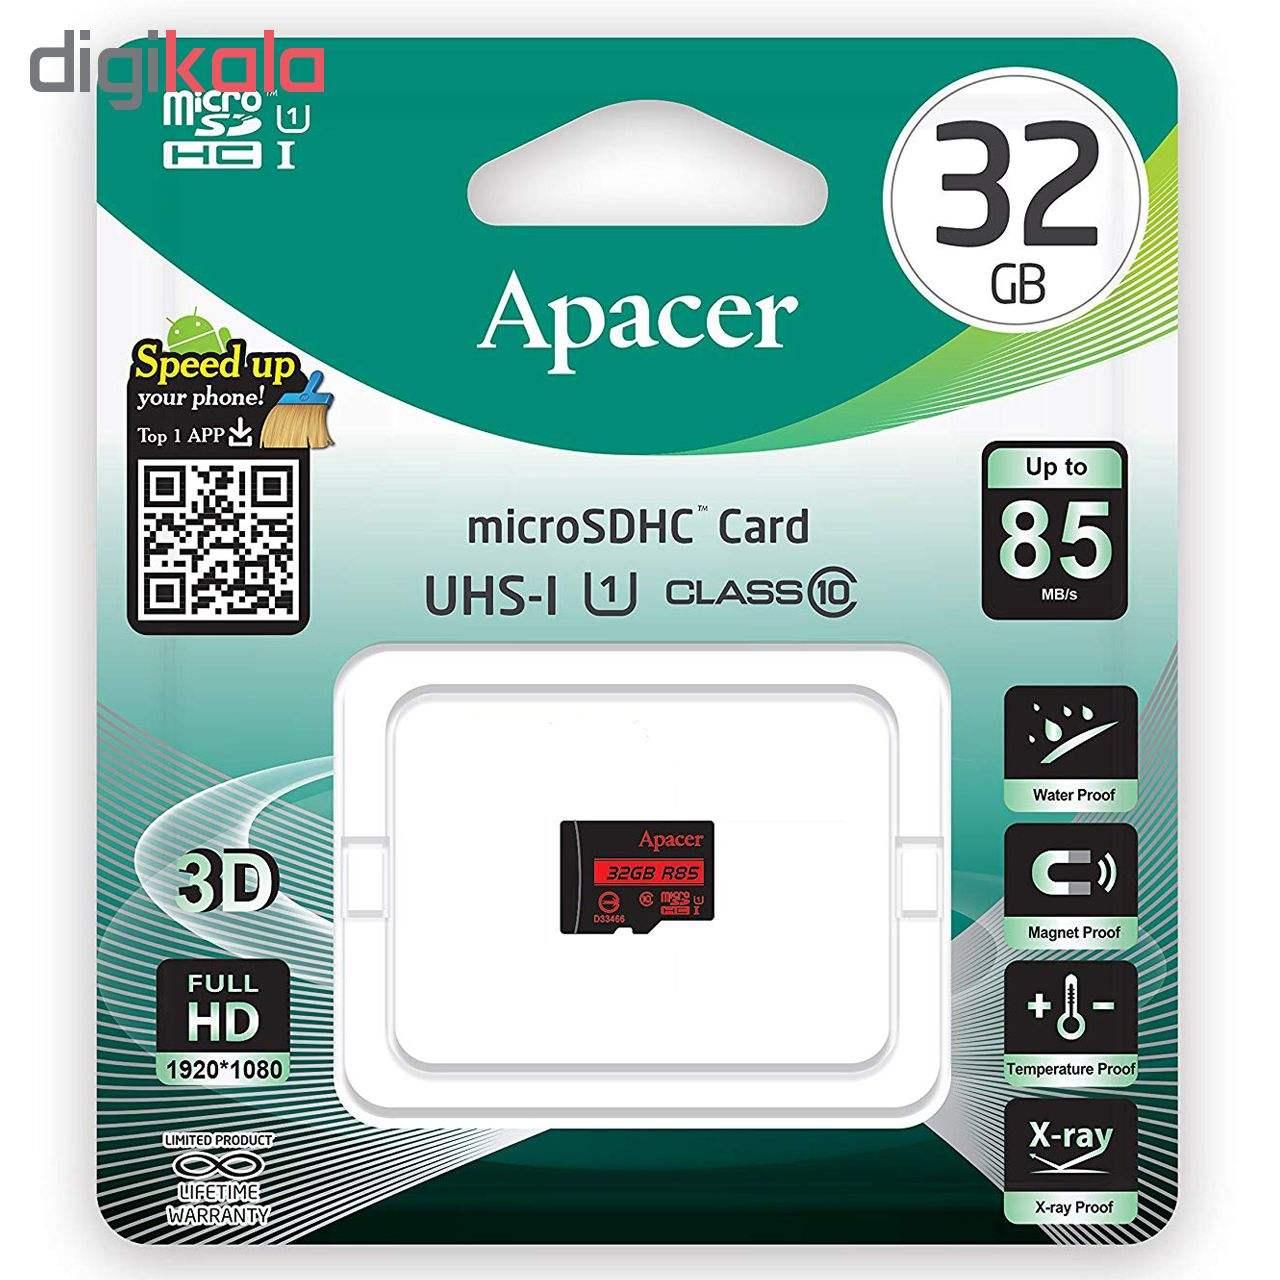 کارت حافظه microSDHC اپیسر مدل AP32G کلاس 10 استانداردUHS-I U1 سرعت 85MBps ظرفیت 32 گیگابایت  Apacer AP32G UHS-I U1 Class 10 85MBps microSDHC - 32GB